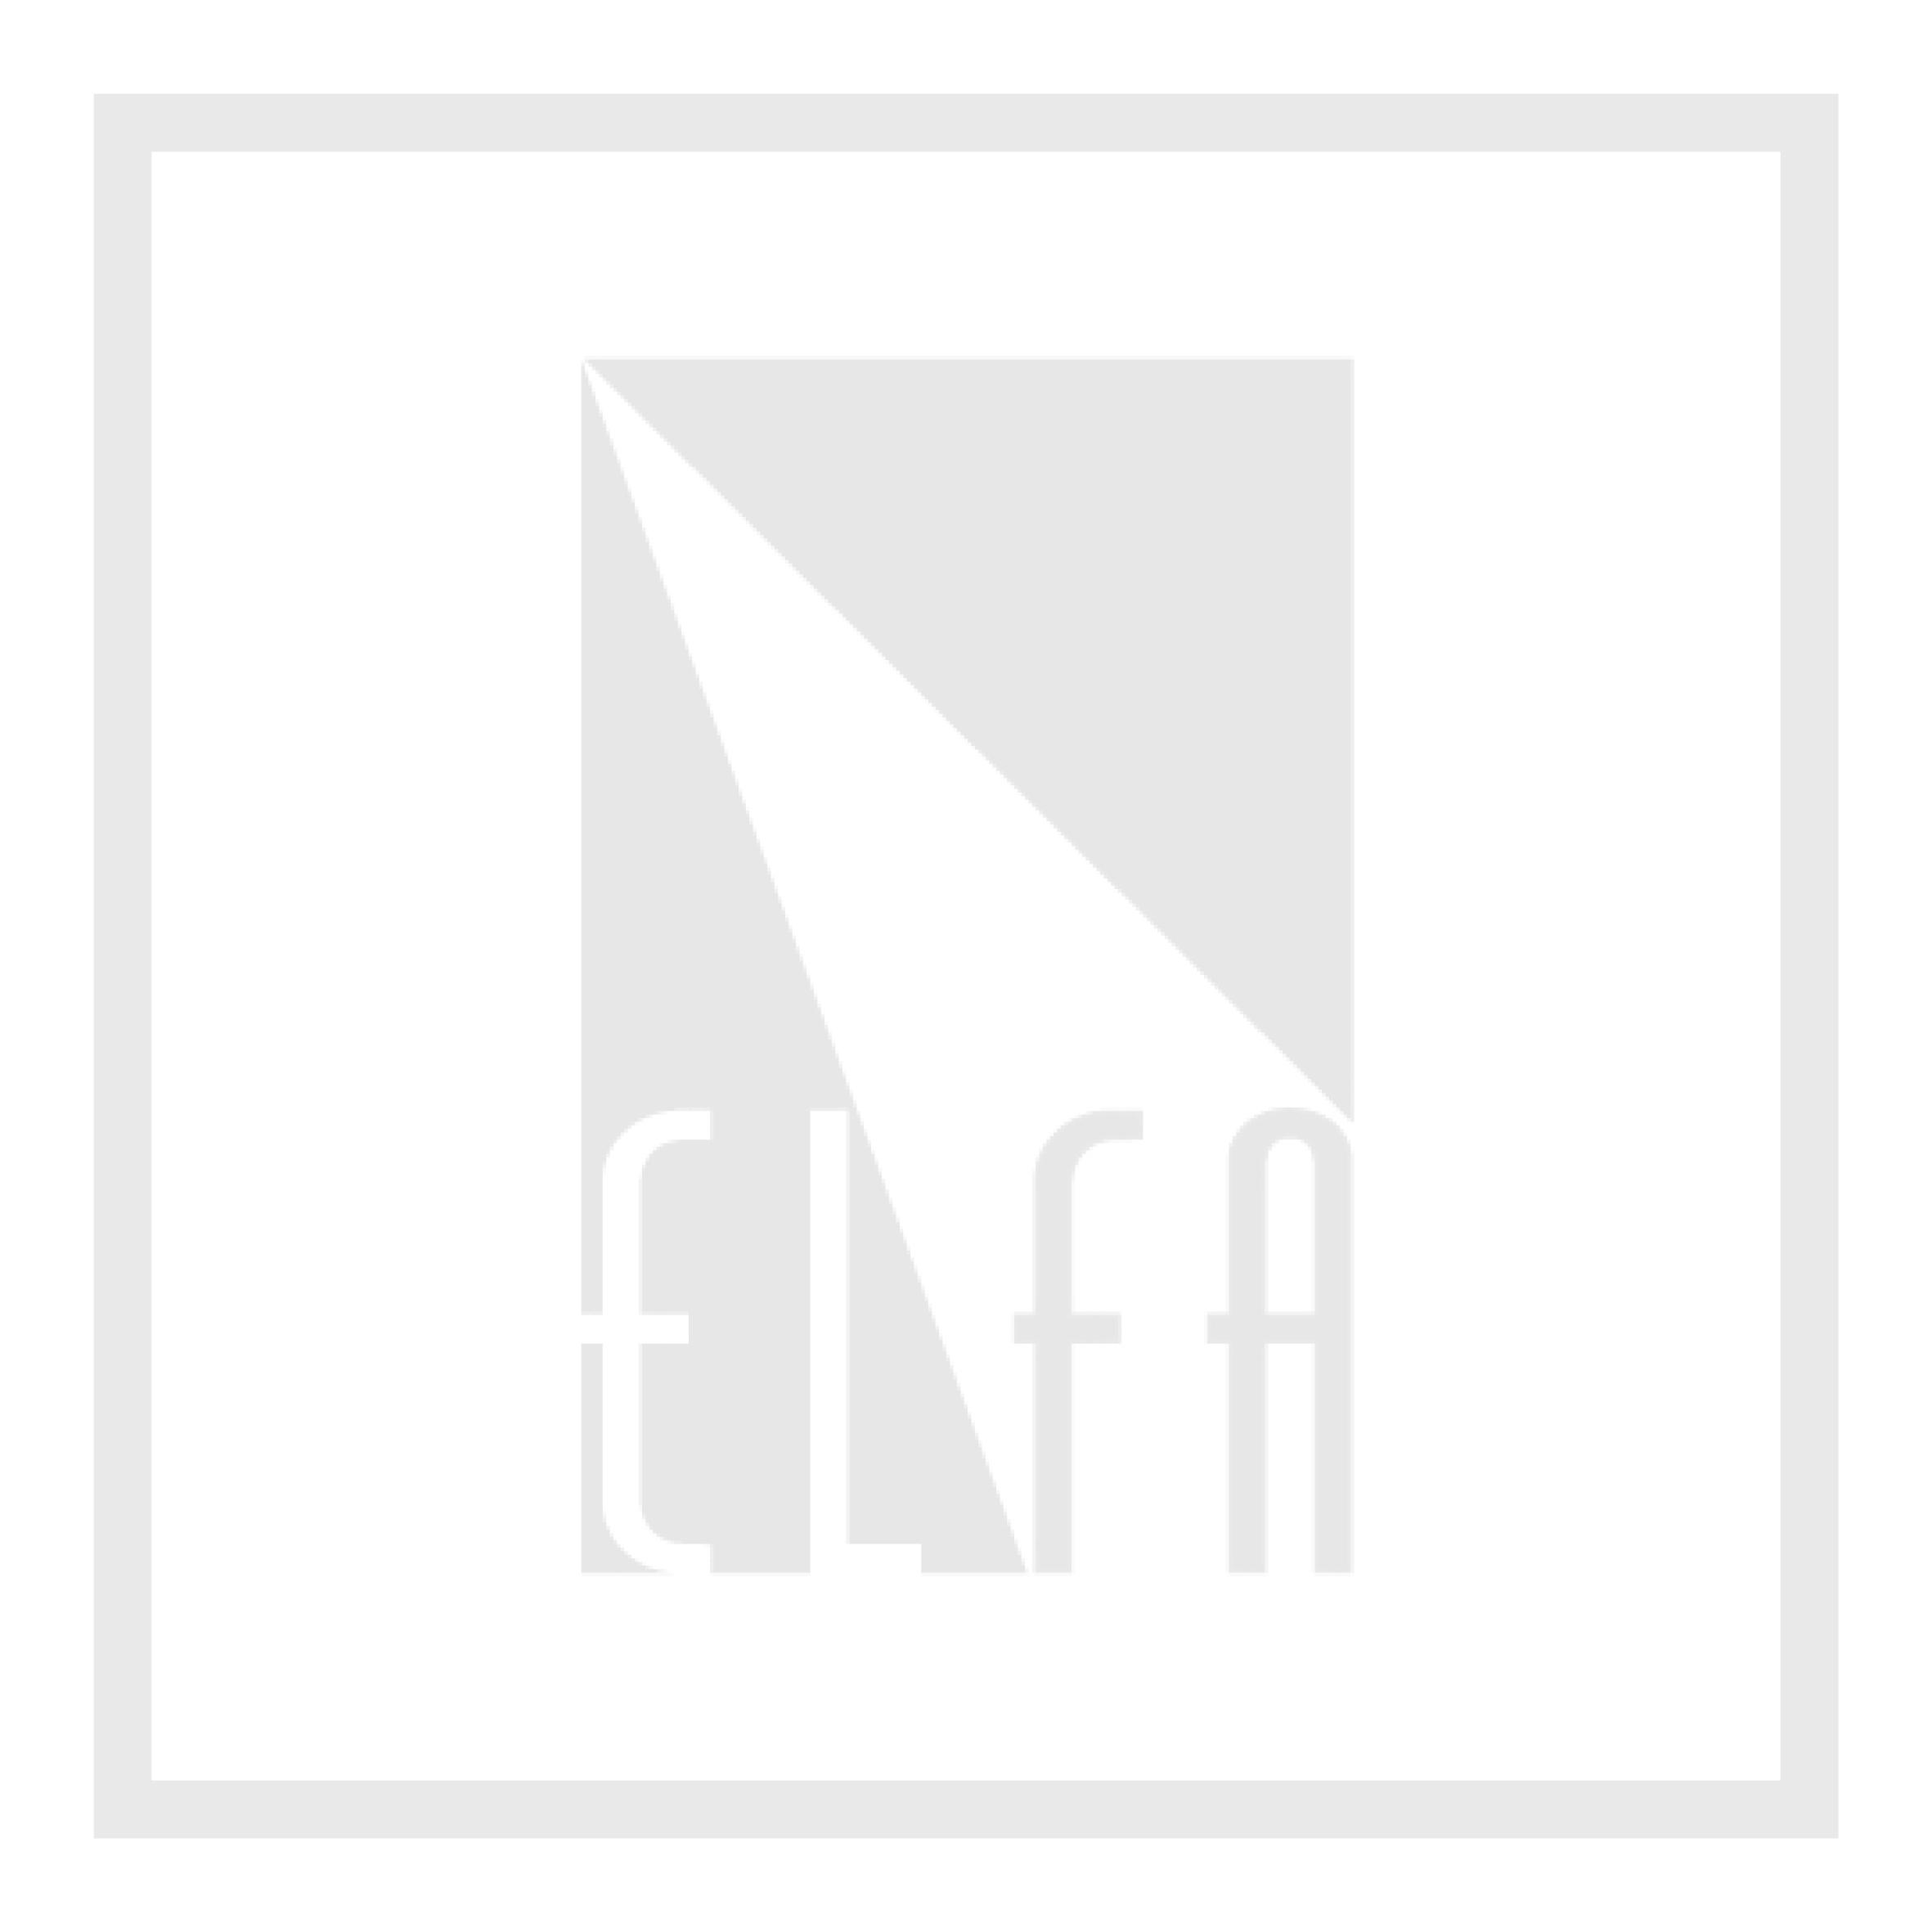 Saft Lithium batt 3,6V LS14500CNA LS14500CNA (zakje)